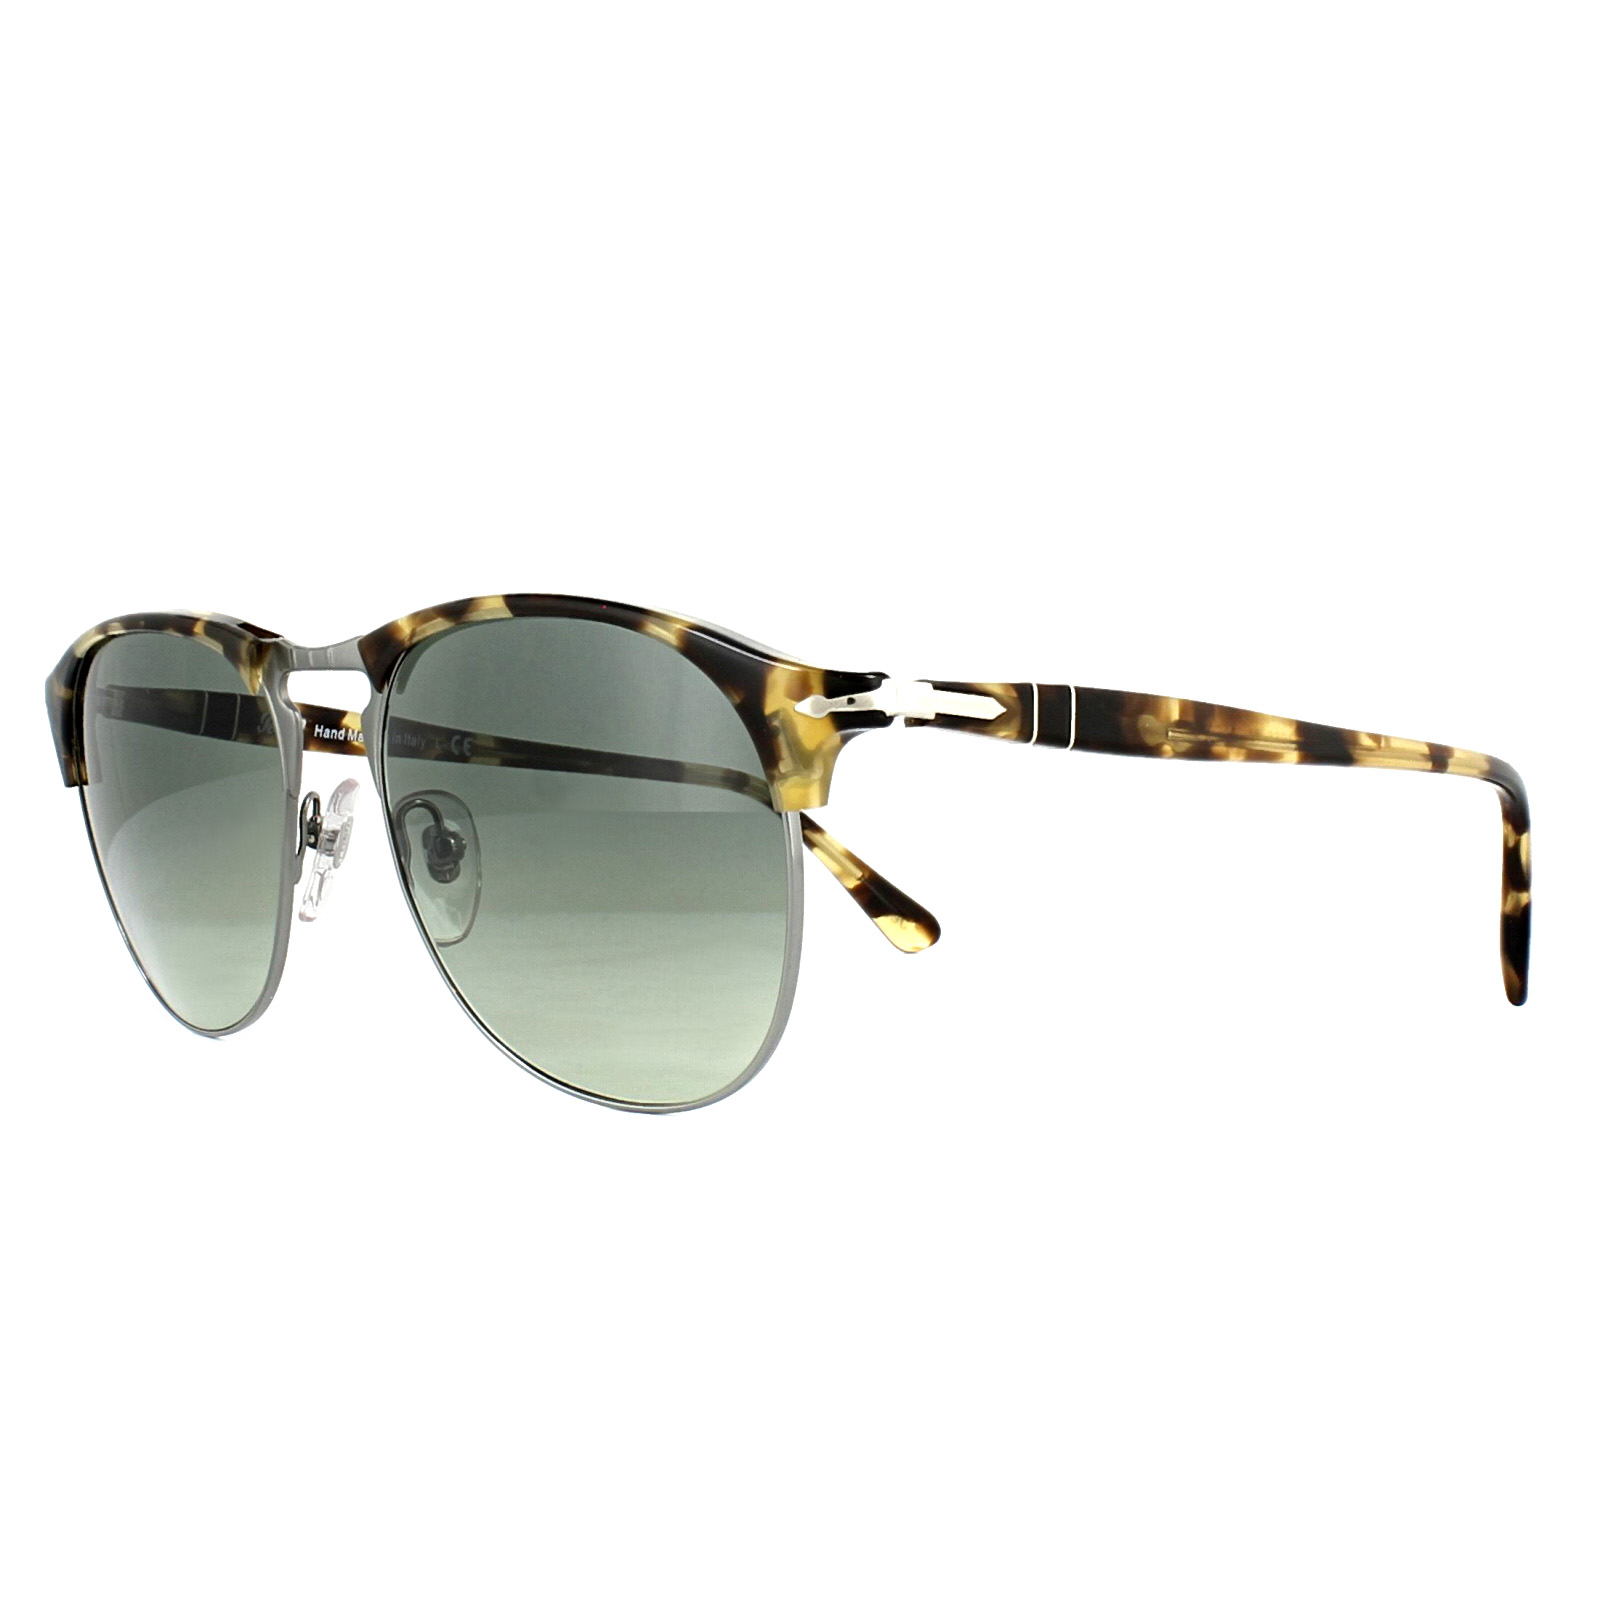 e7a050c9dbfb1 Sentinel Persol Sunglasses PO8649 105671 Brown Beige Tortoise Grey Gradient